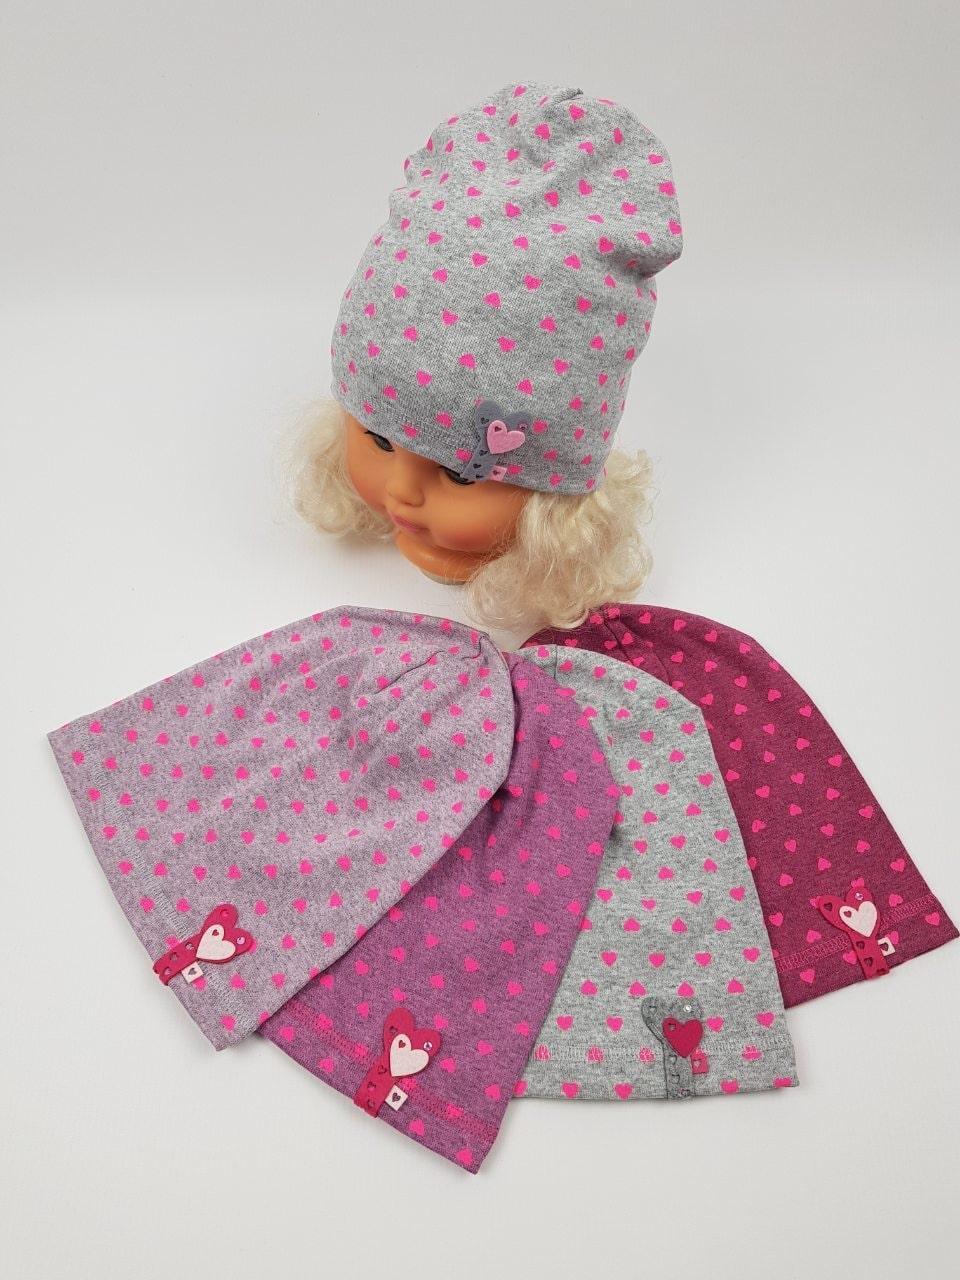 Детские трикотажные демисезонные шапки для девочек оптом, р.42-44, Польша